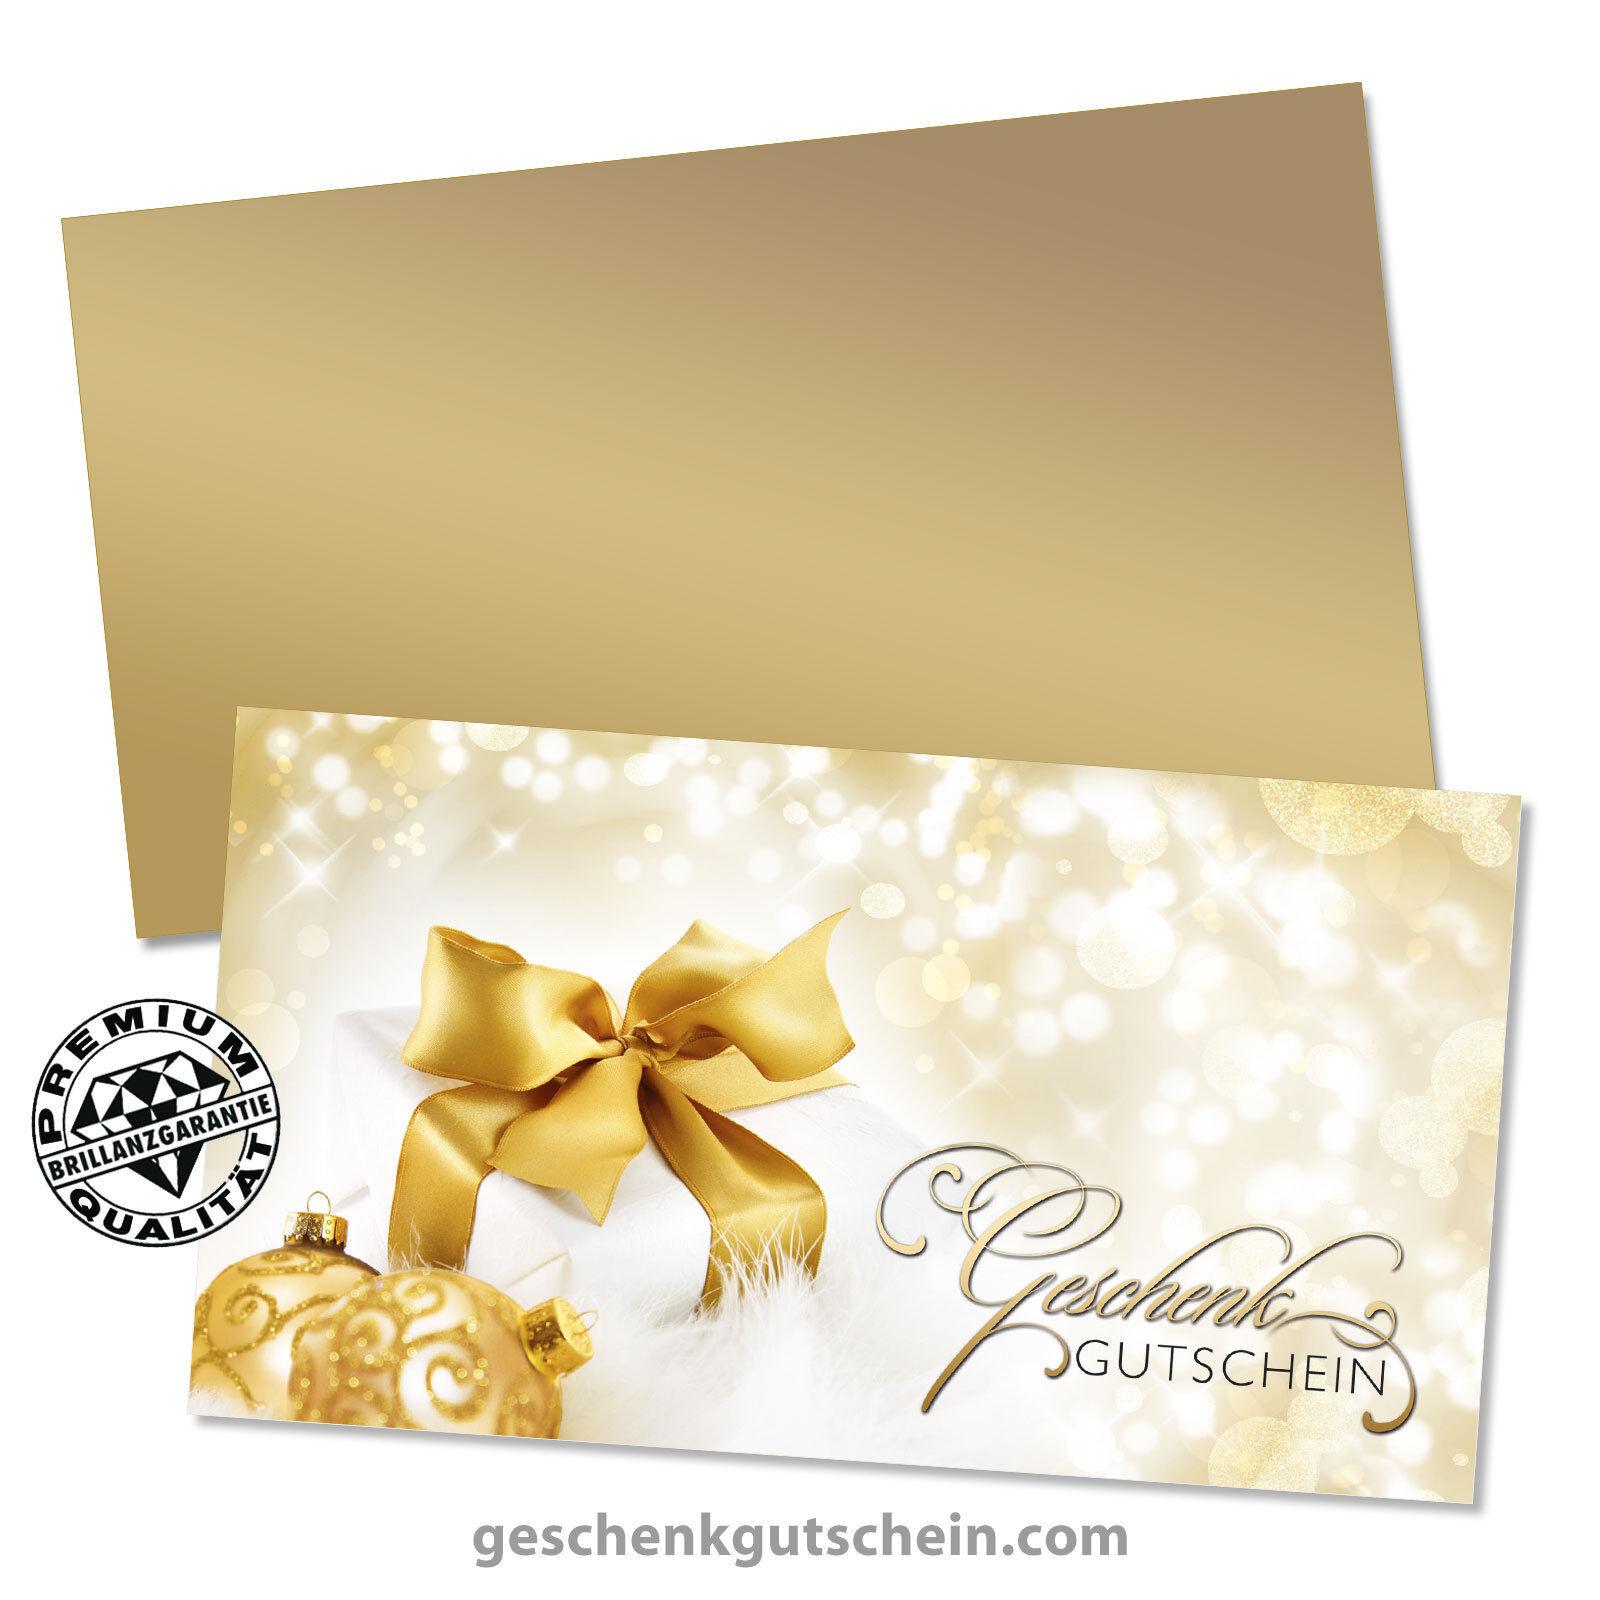 Weihnachts-Geschenkgutscheine mit KuGrüns für alle Branchen X1218  | Offizielle  | Abrechnungspreis